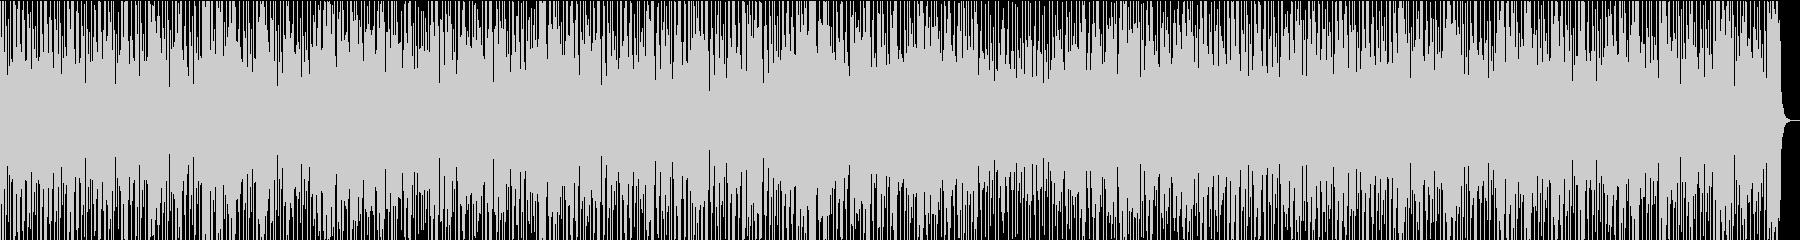 ウルトラグルーヴィーなハウスミック...の未再生の波形